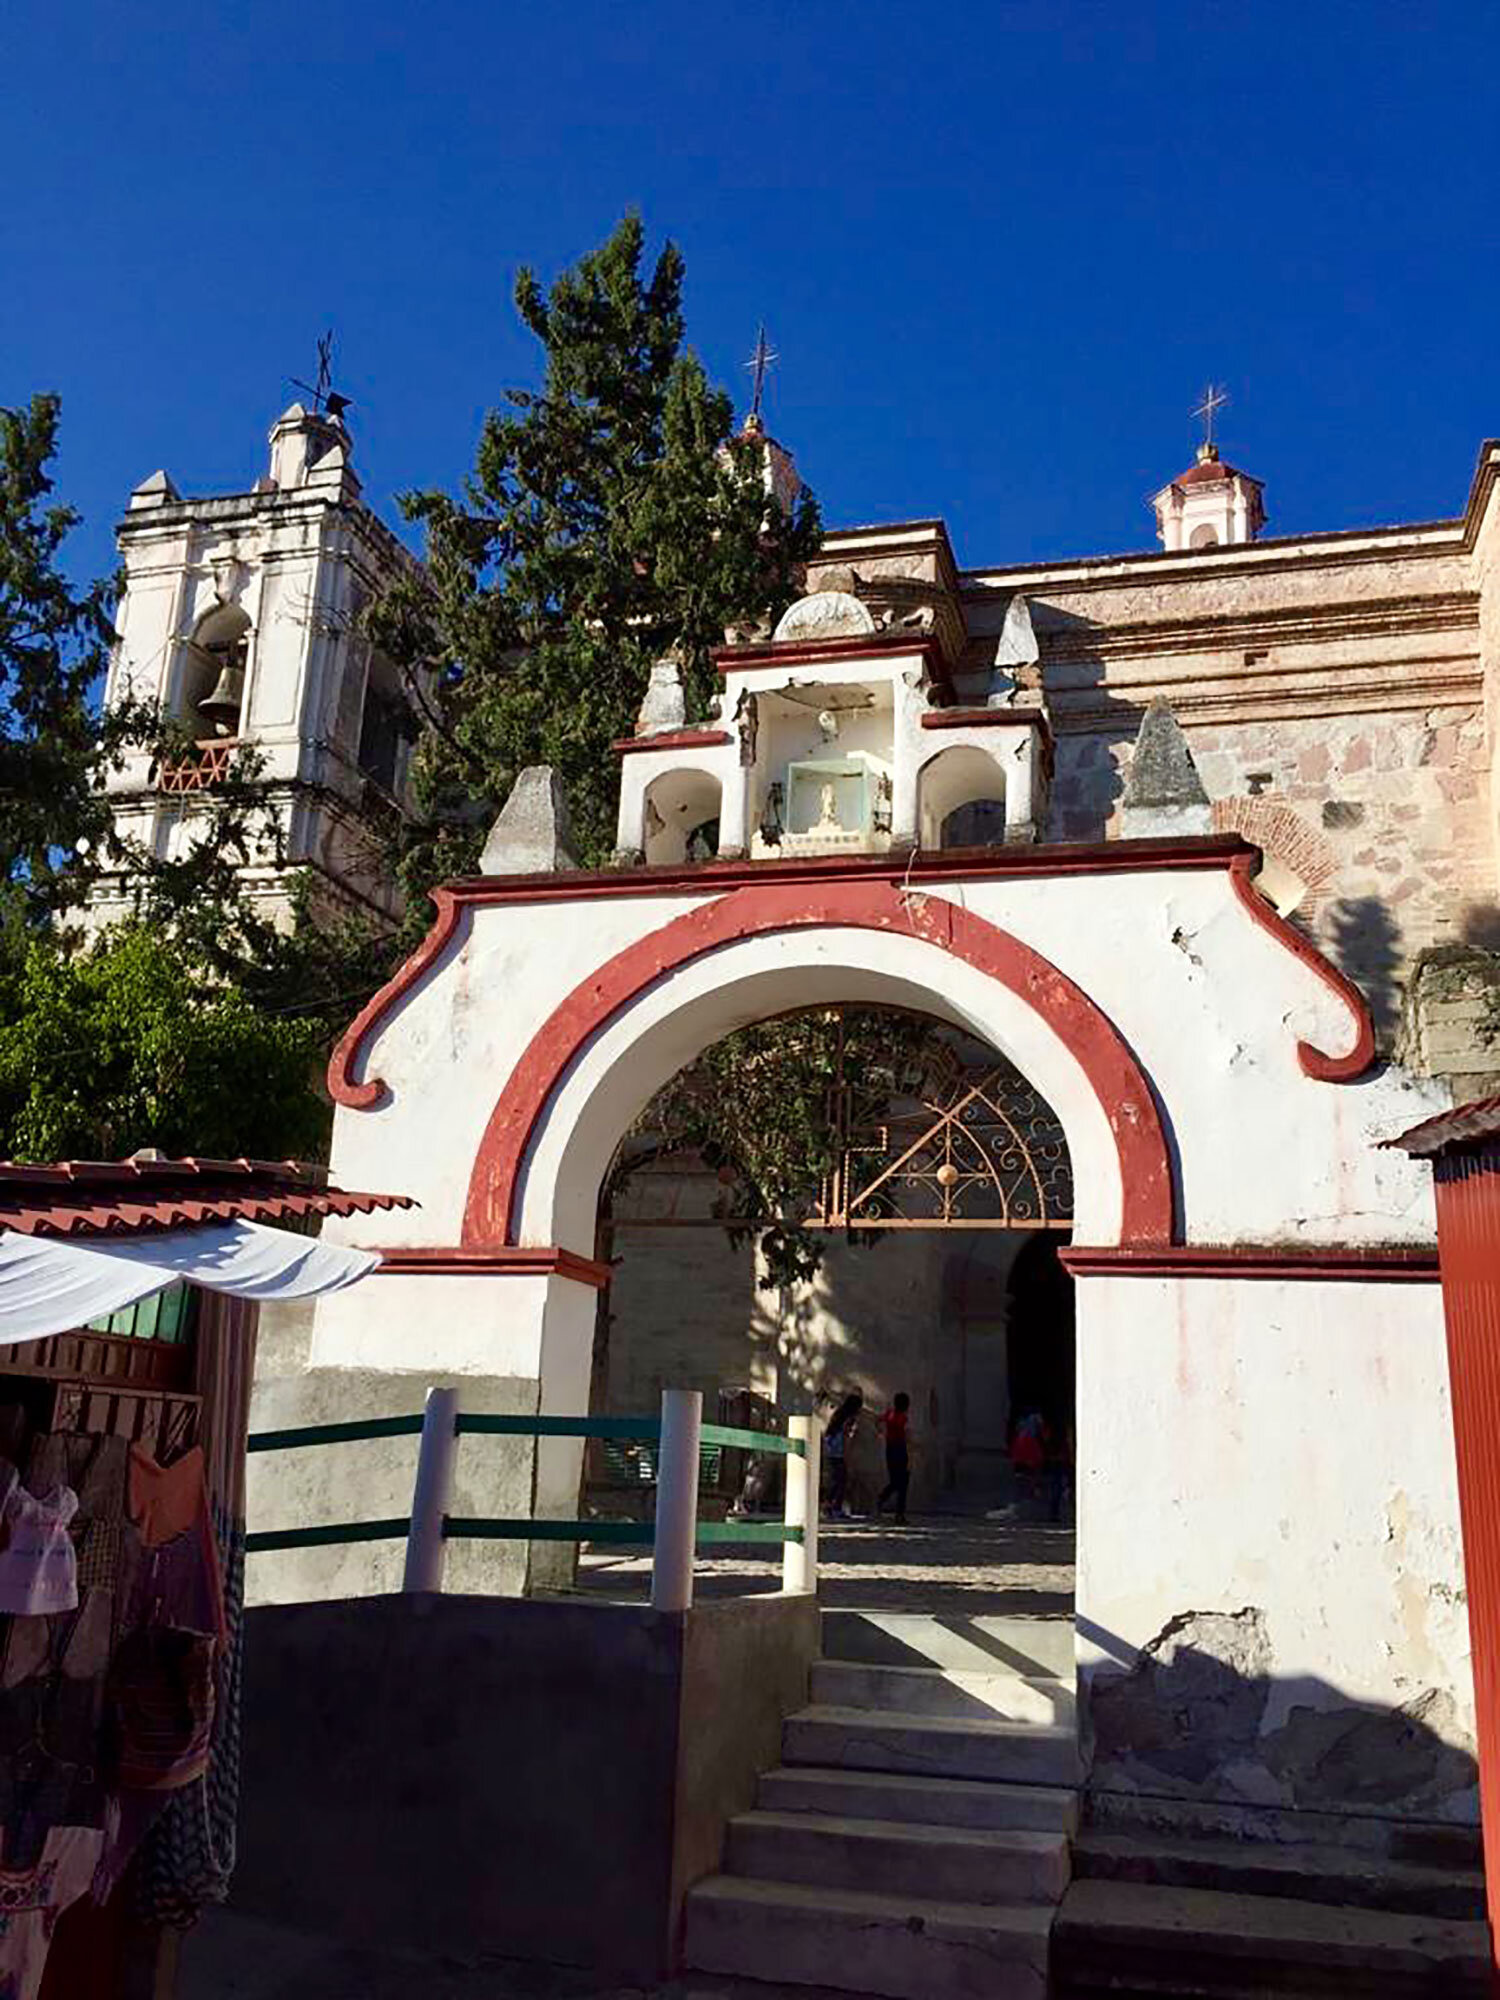 Hammocks_and_Ruins_What_to_Do_Mexico_Oaxaca_pyramids_Zapotecs_Mixtec_Mitla_13.jpg